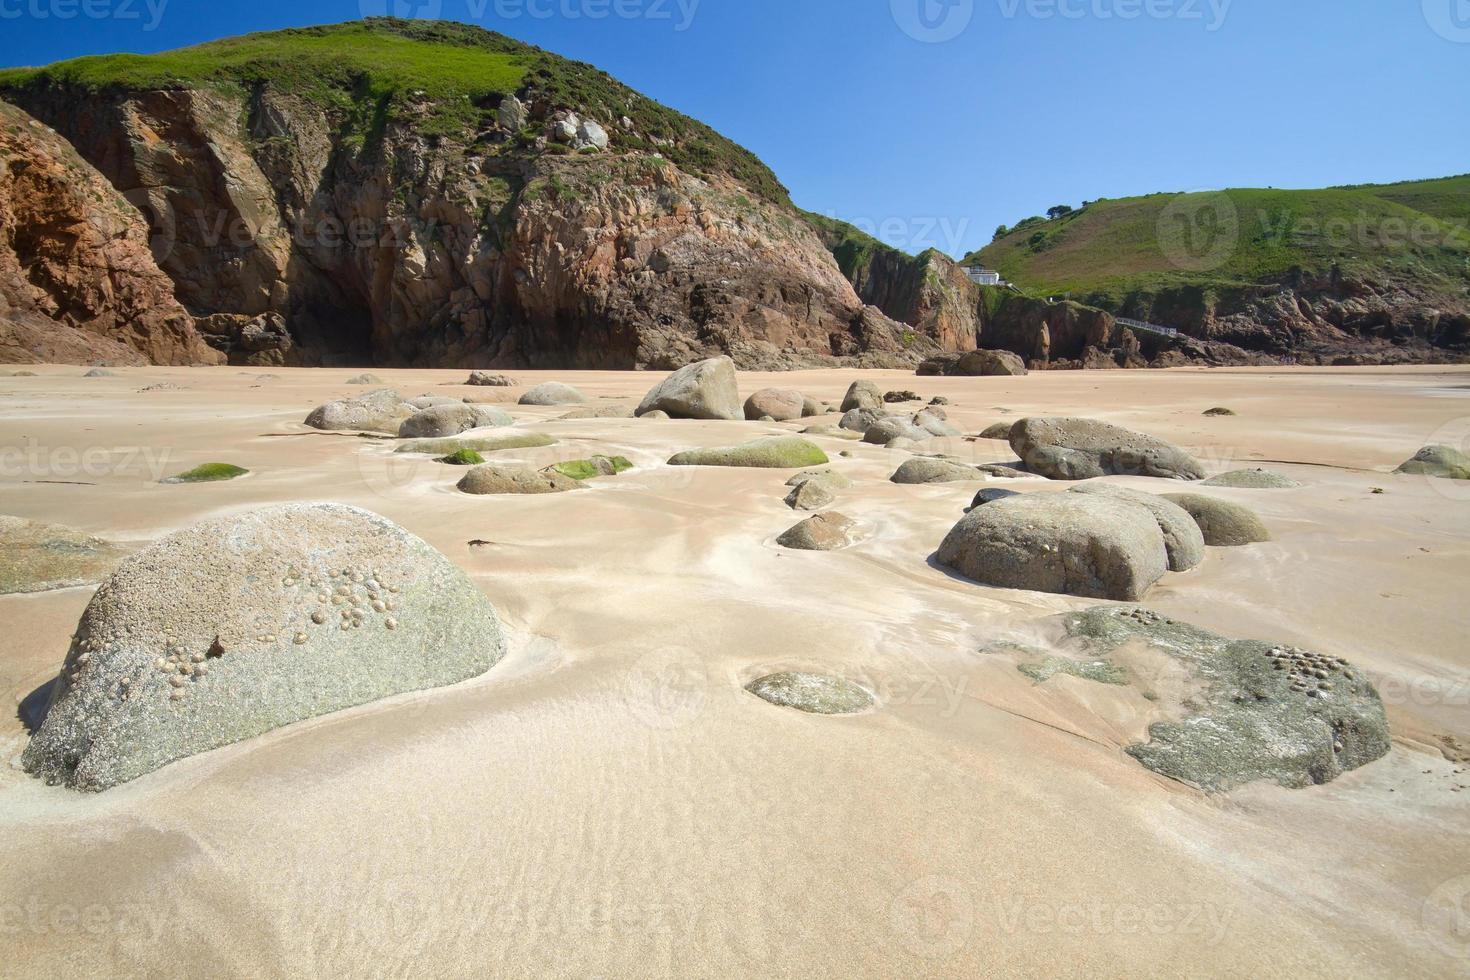 formação rochosa na praia de greve de lecq, jersey, reino unido foto